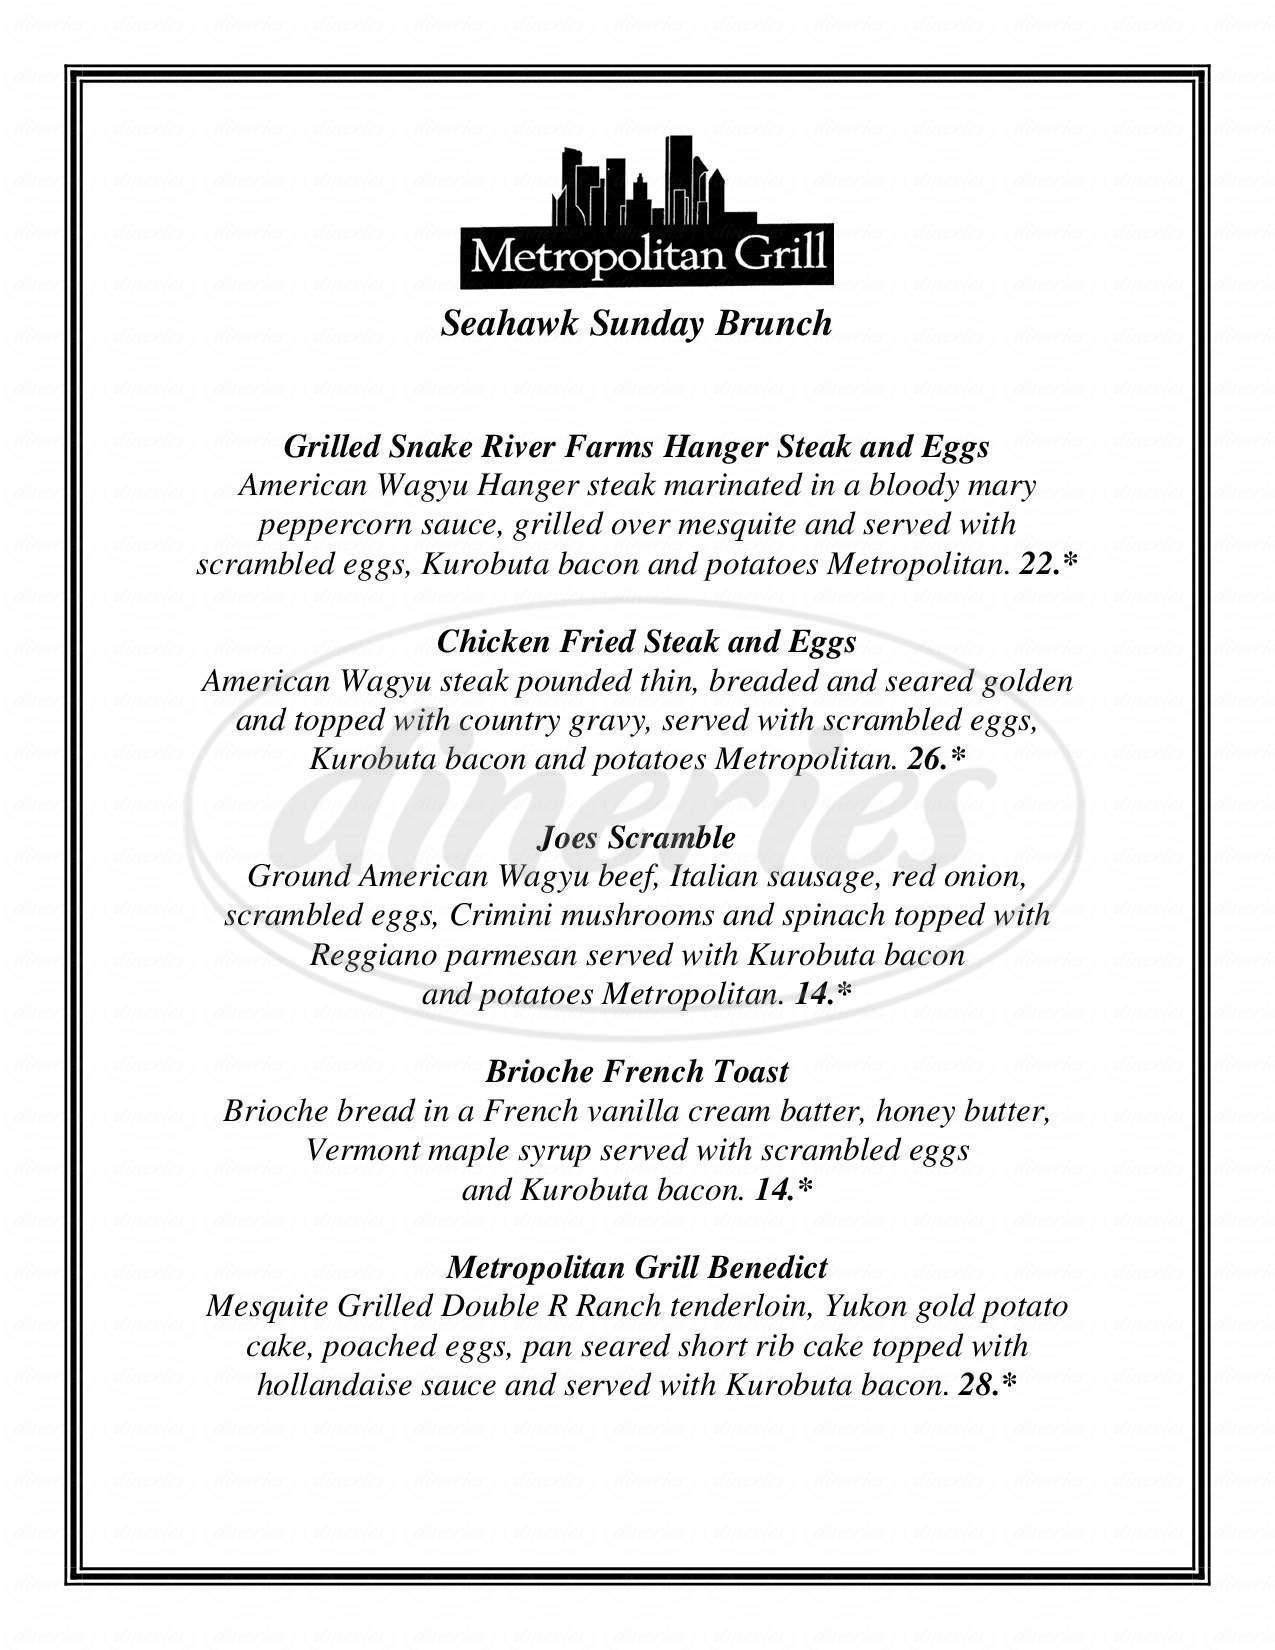 menu for Metropolitan Grill